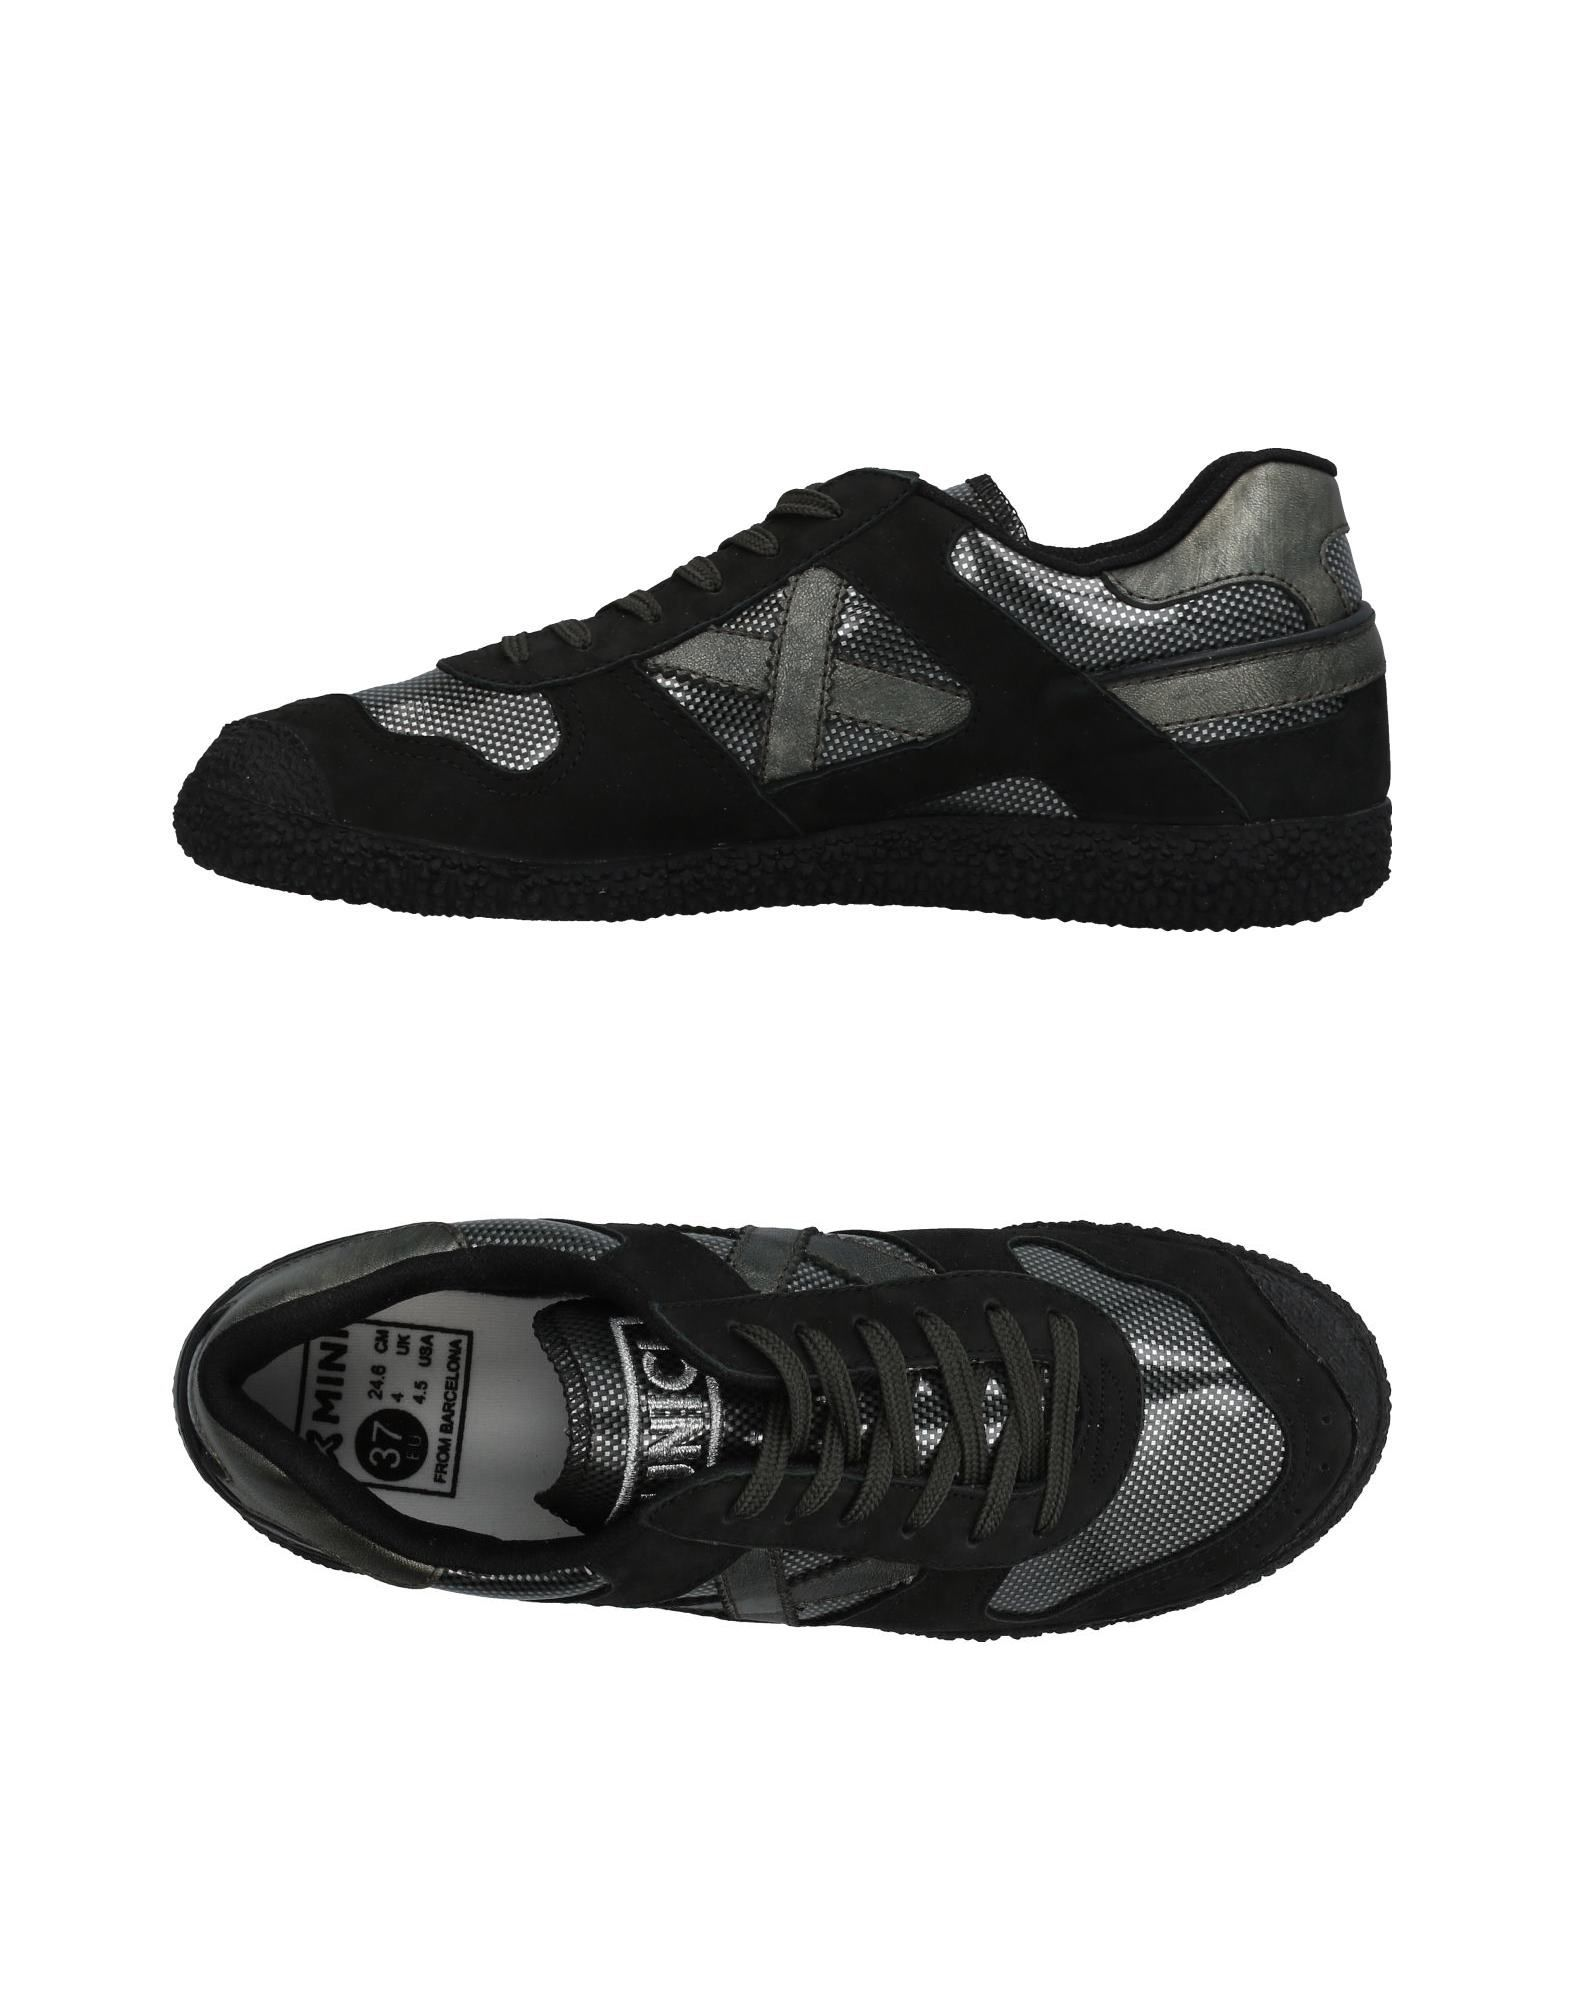 Sneakers Munich Donna - 11413171VW Scarpe economiche e buone